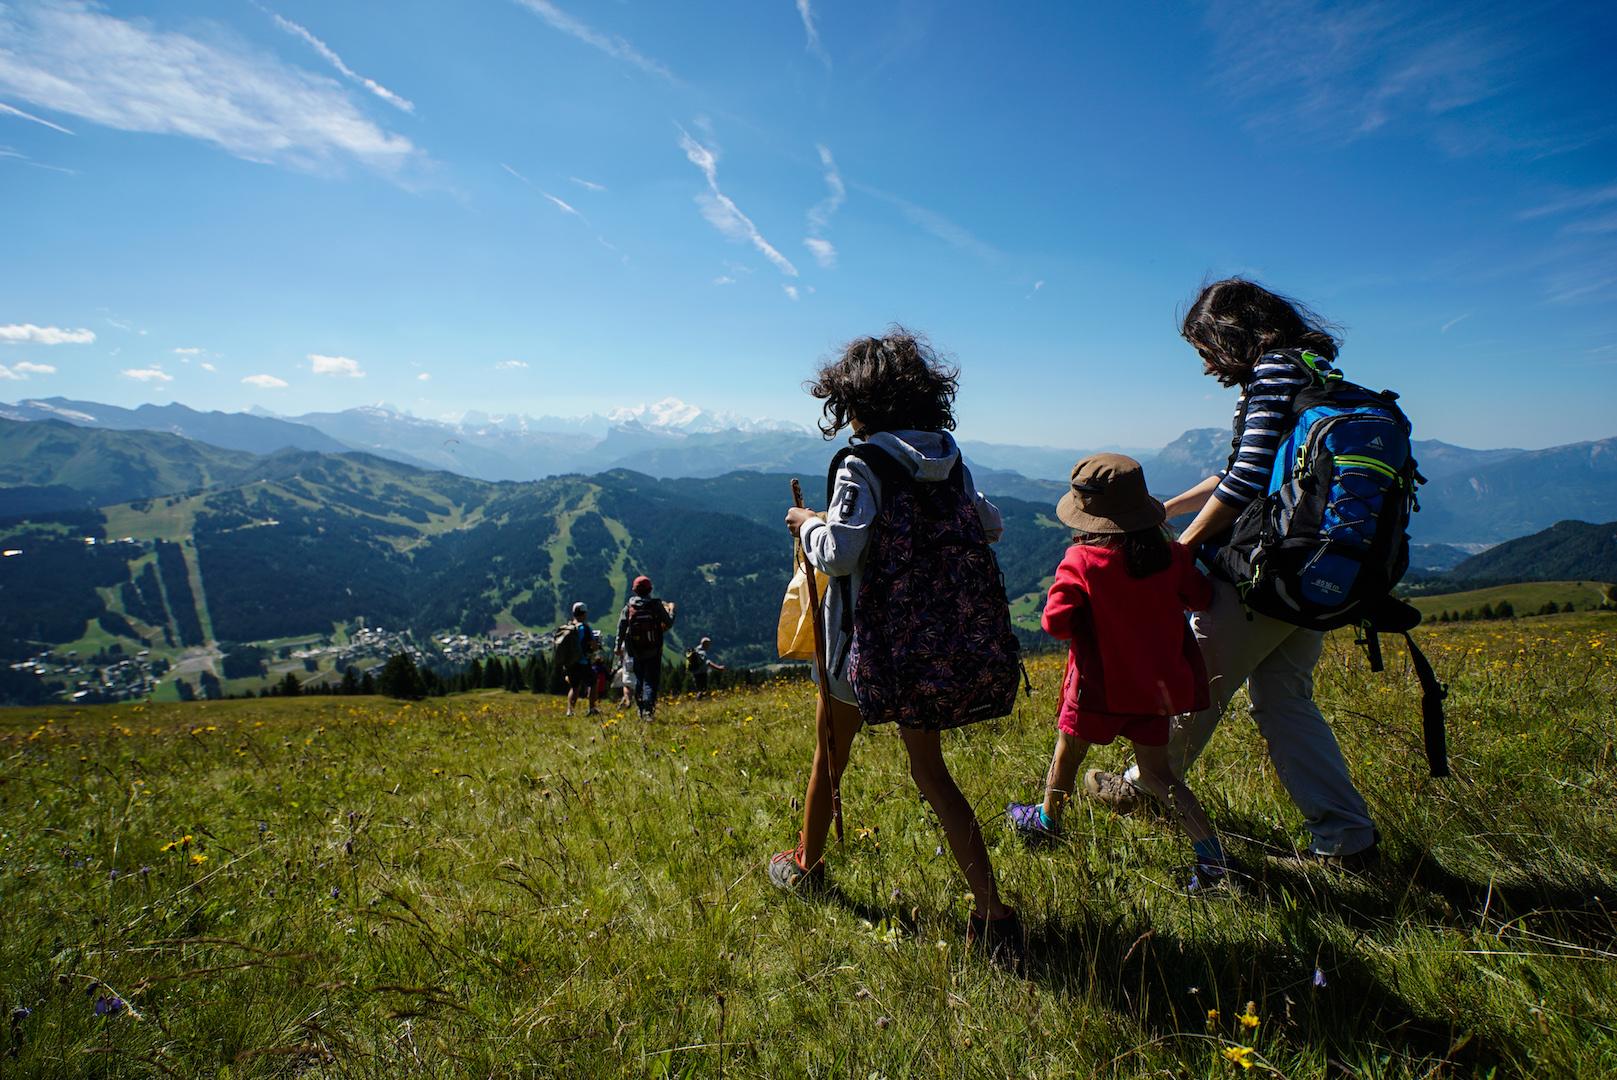 Famille faisant une balade en été avec montagnes, ciel bleu et prairie en fond